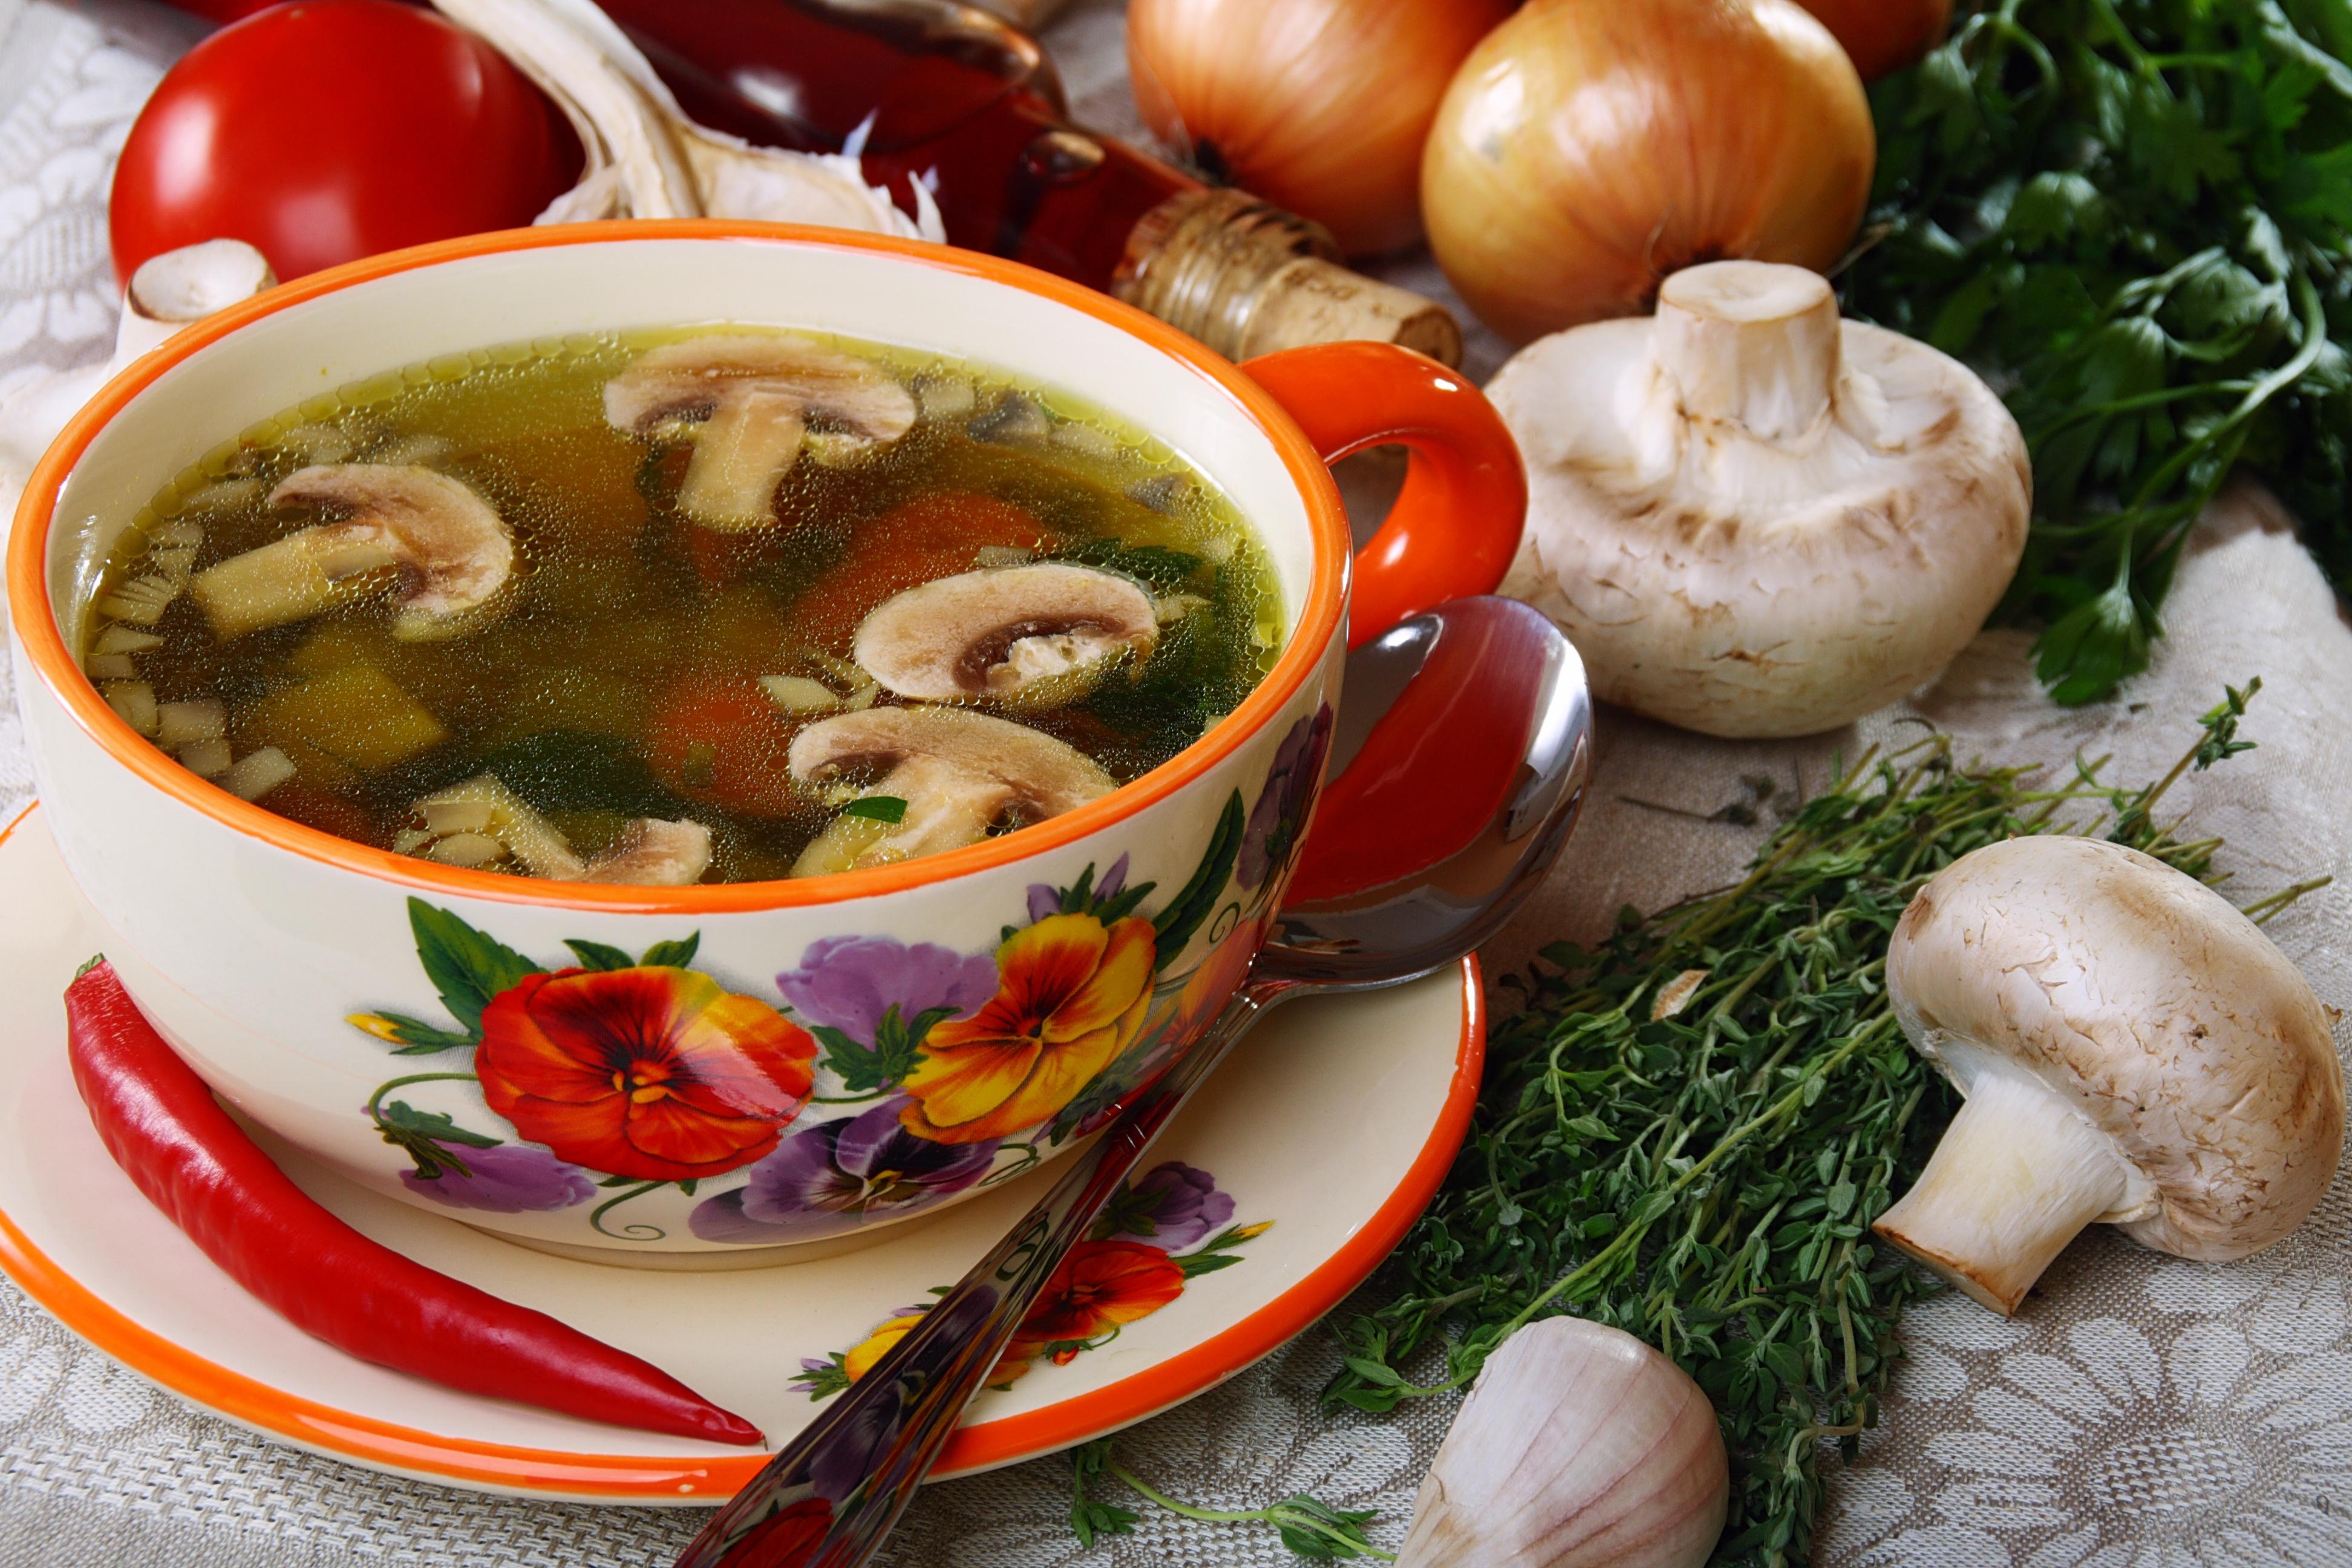 Triple mushroom soup.